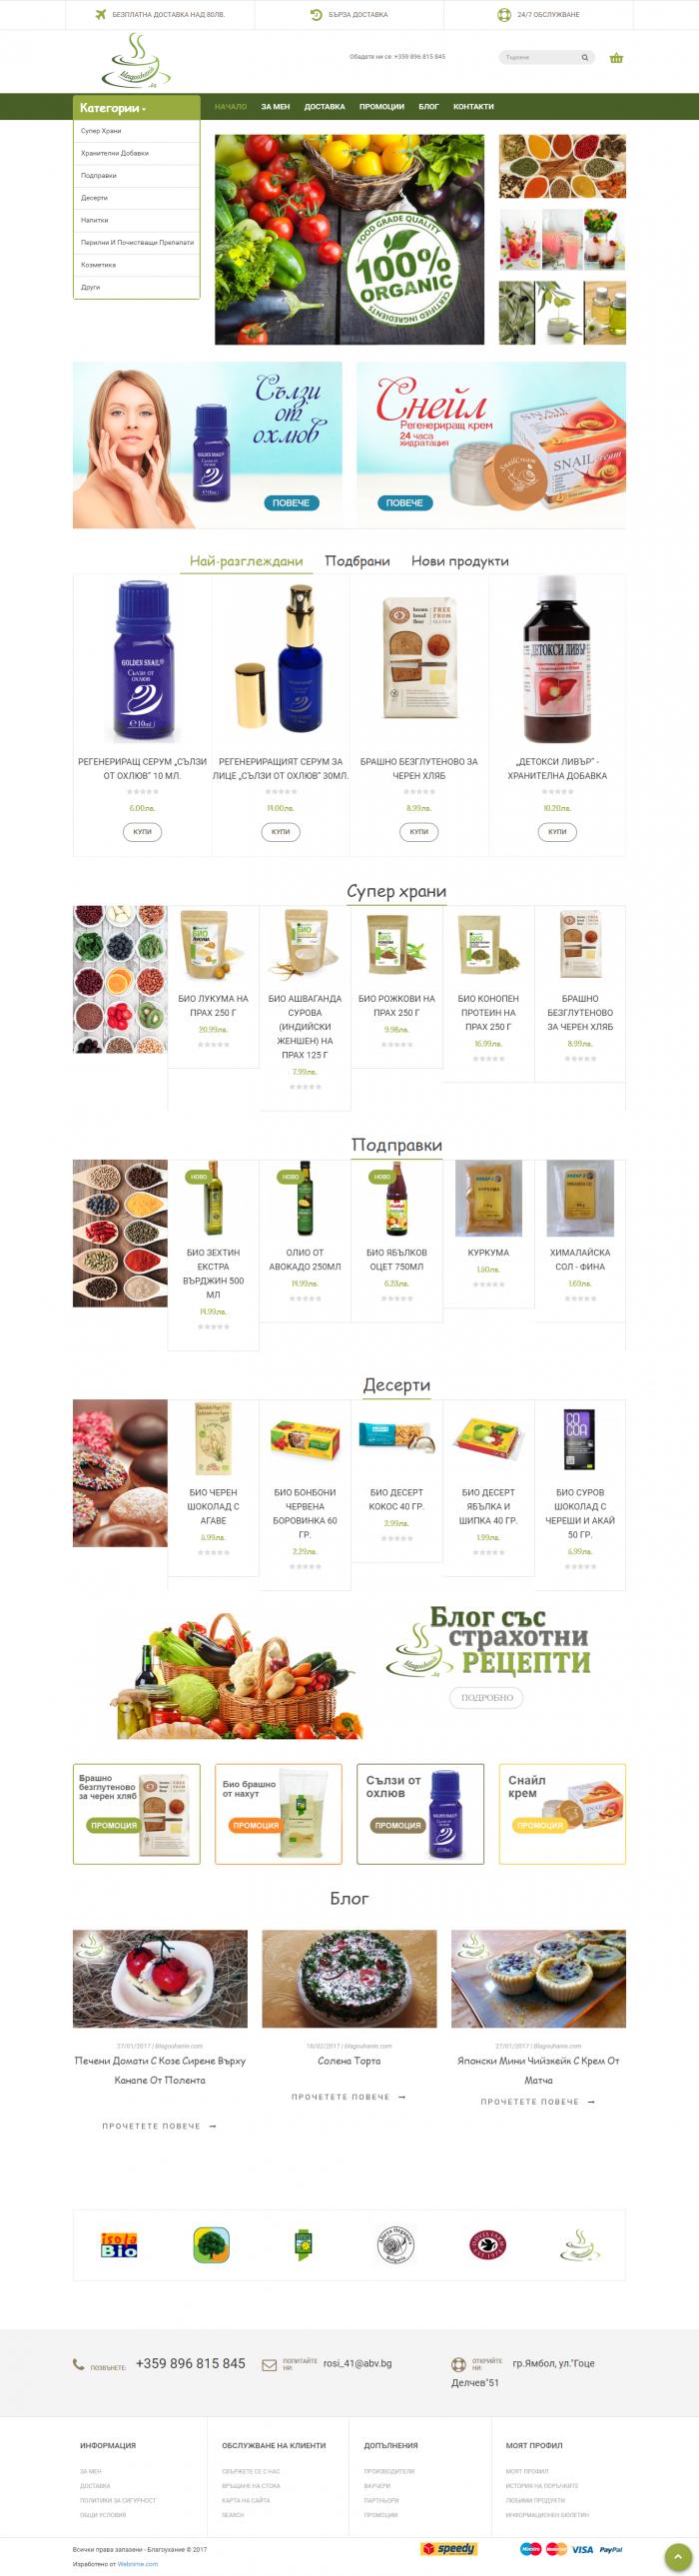 Онлайн магазин за био продукти, https://webnime.com/